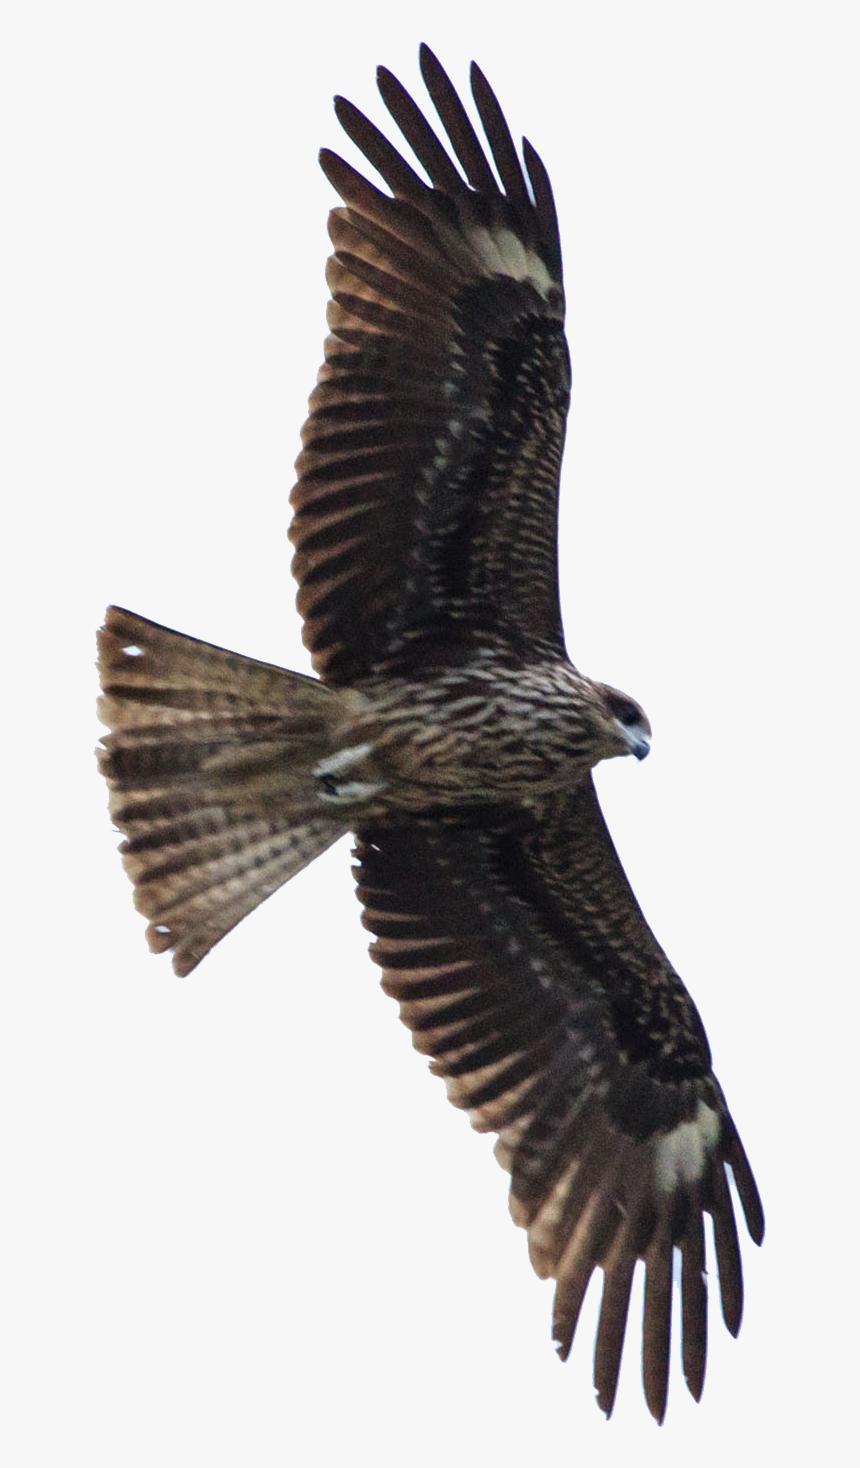 Bird Of Prey Hawk Eagle Gaviao Voando Png Transparent Png Kindpng